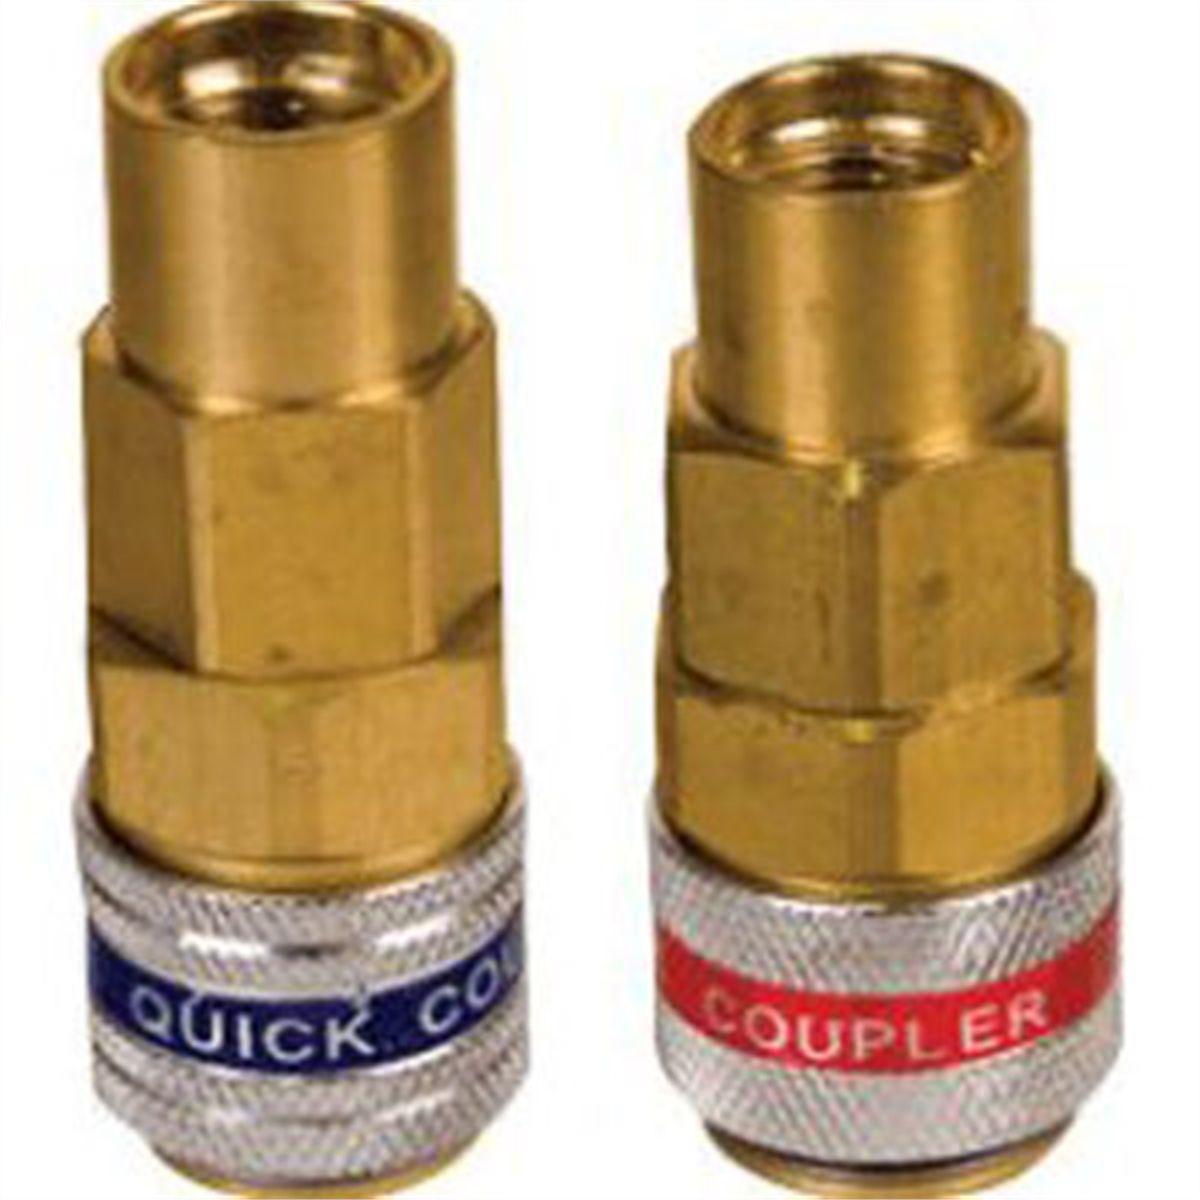 FJC 6012 R134a Quick Coupler Set